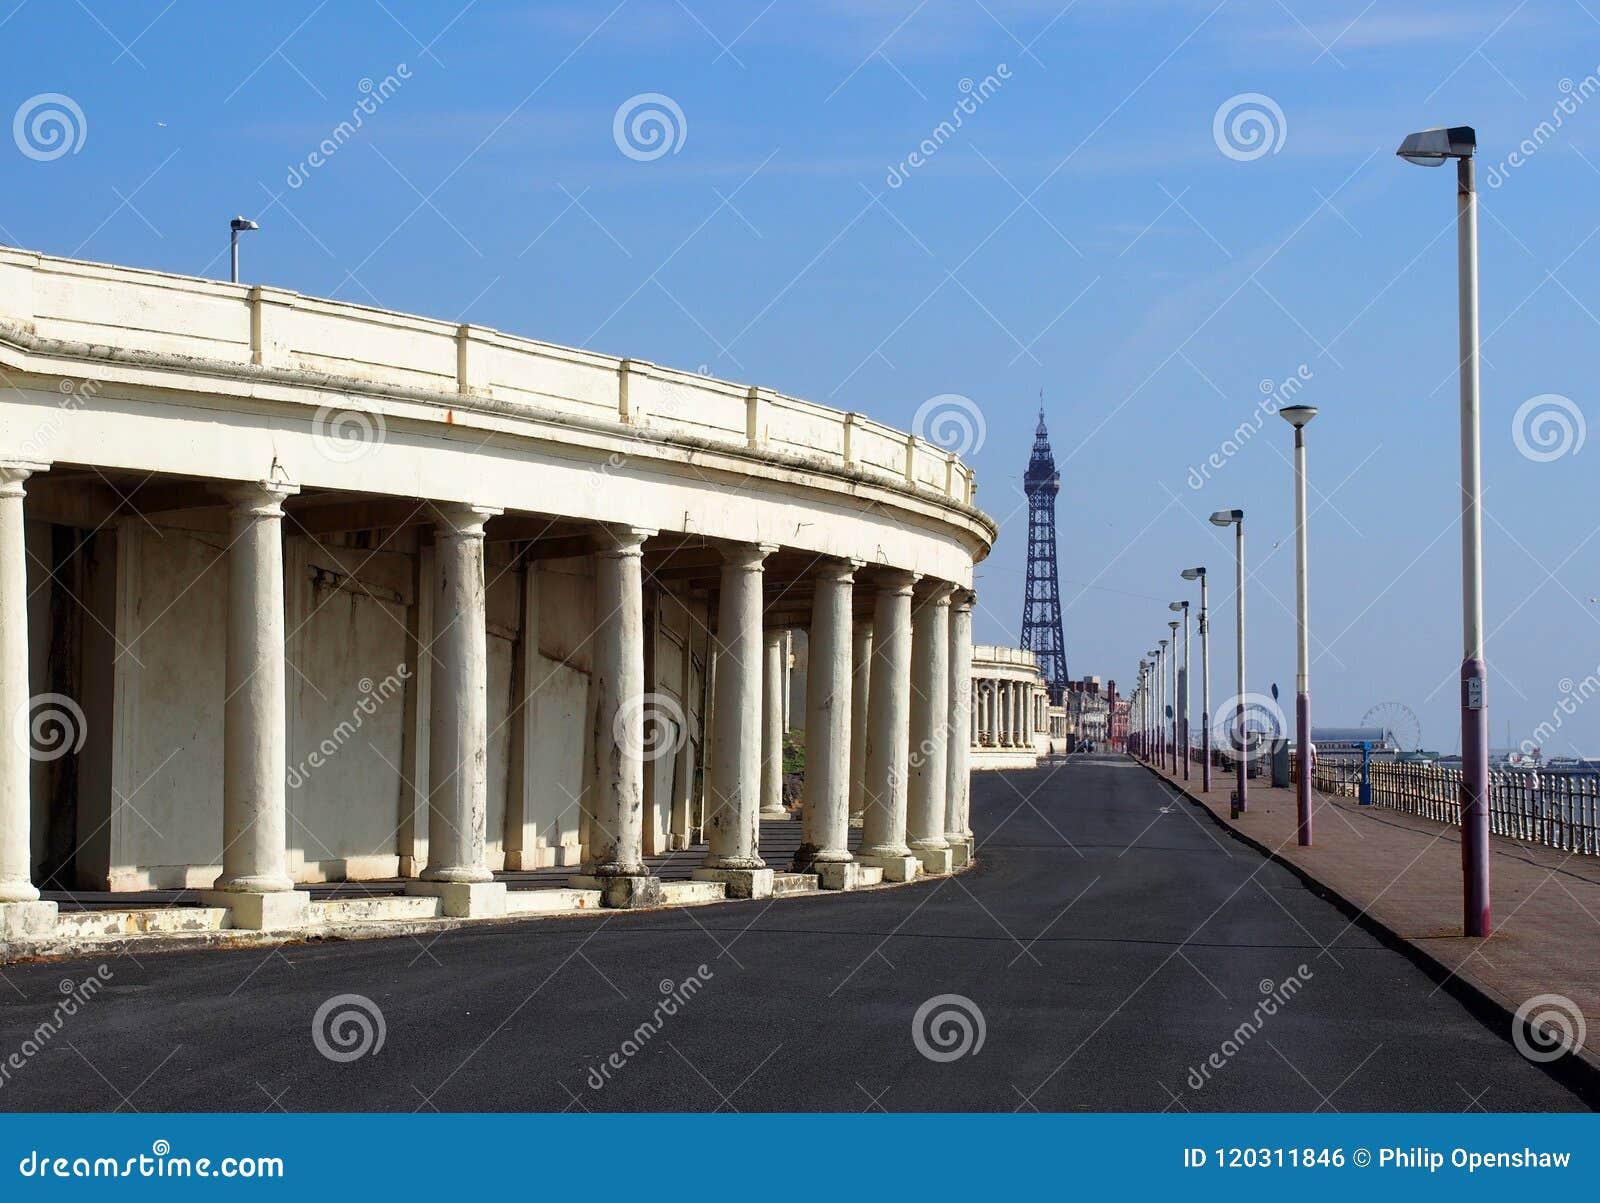 Взгляд вдоль прогулки на Блэкпуле показывая пешеходную дорожку со старыми укрытиями набережной смотря к пляжу удовольствия